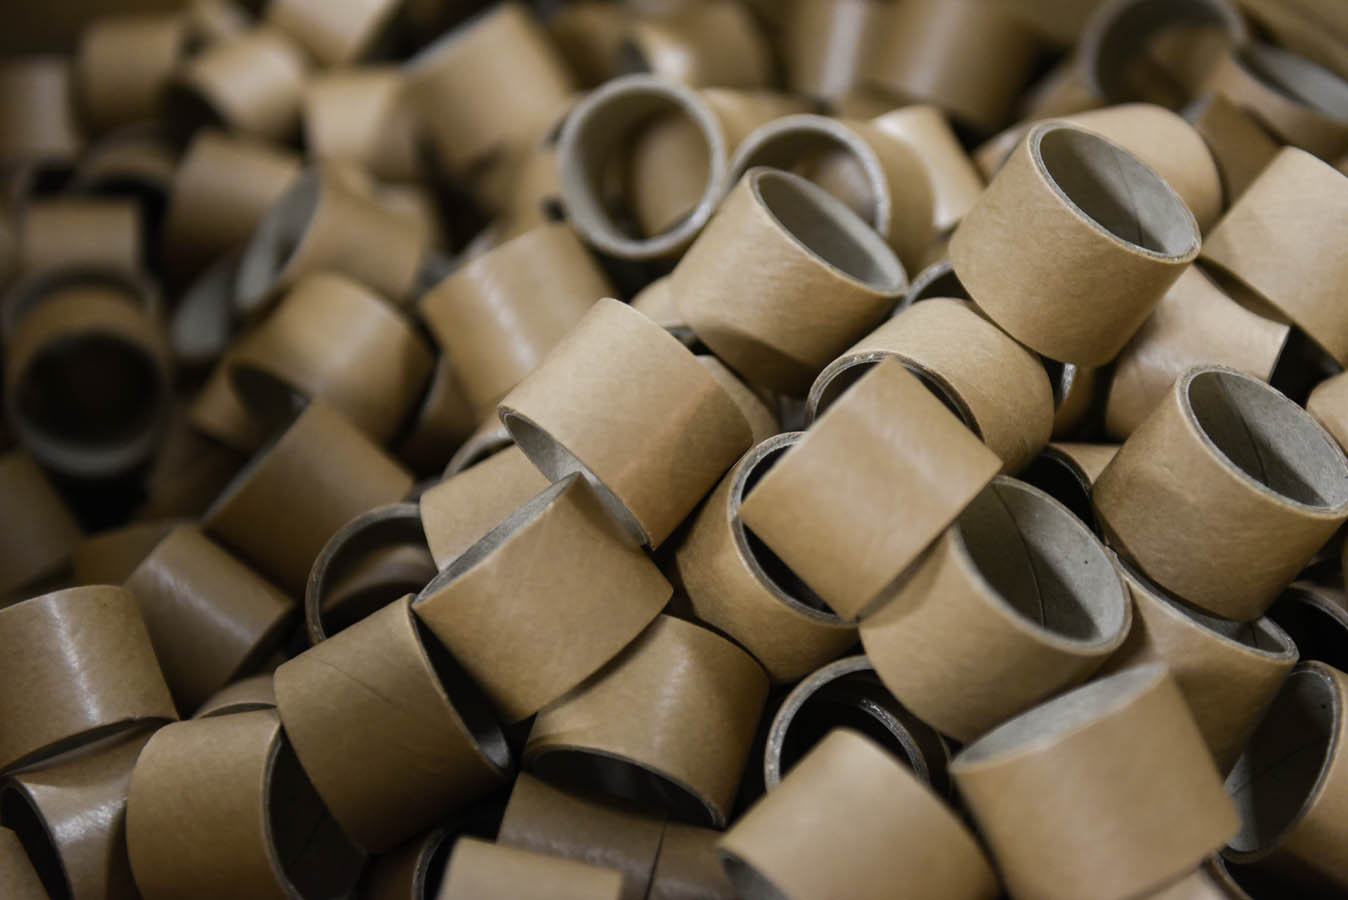 Cardboard rings